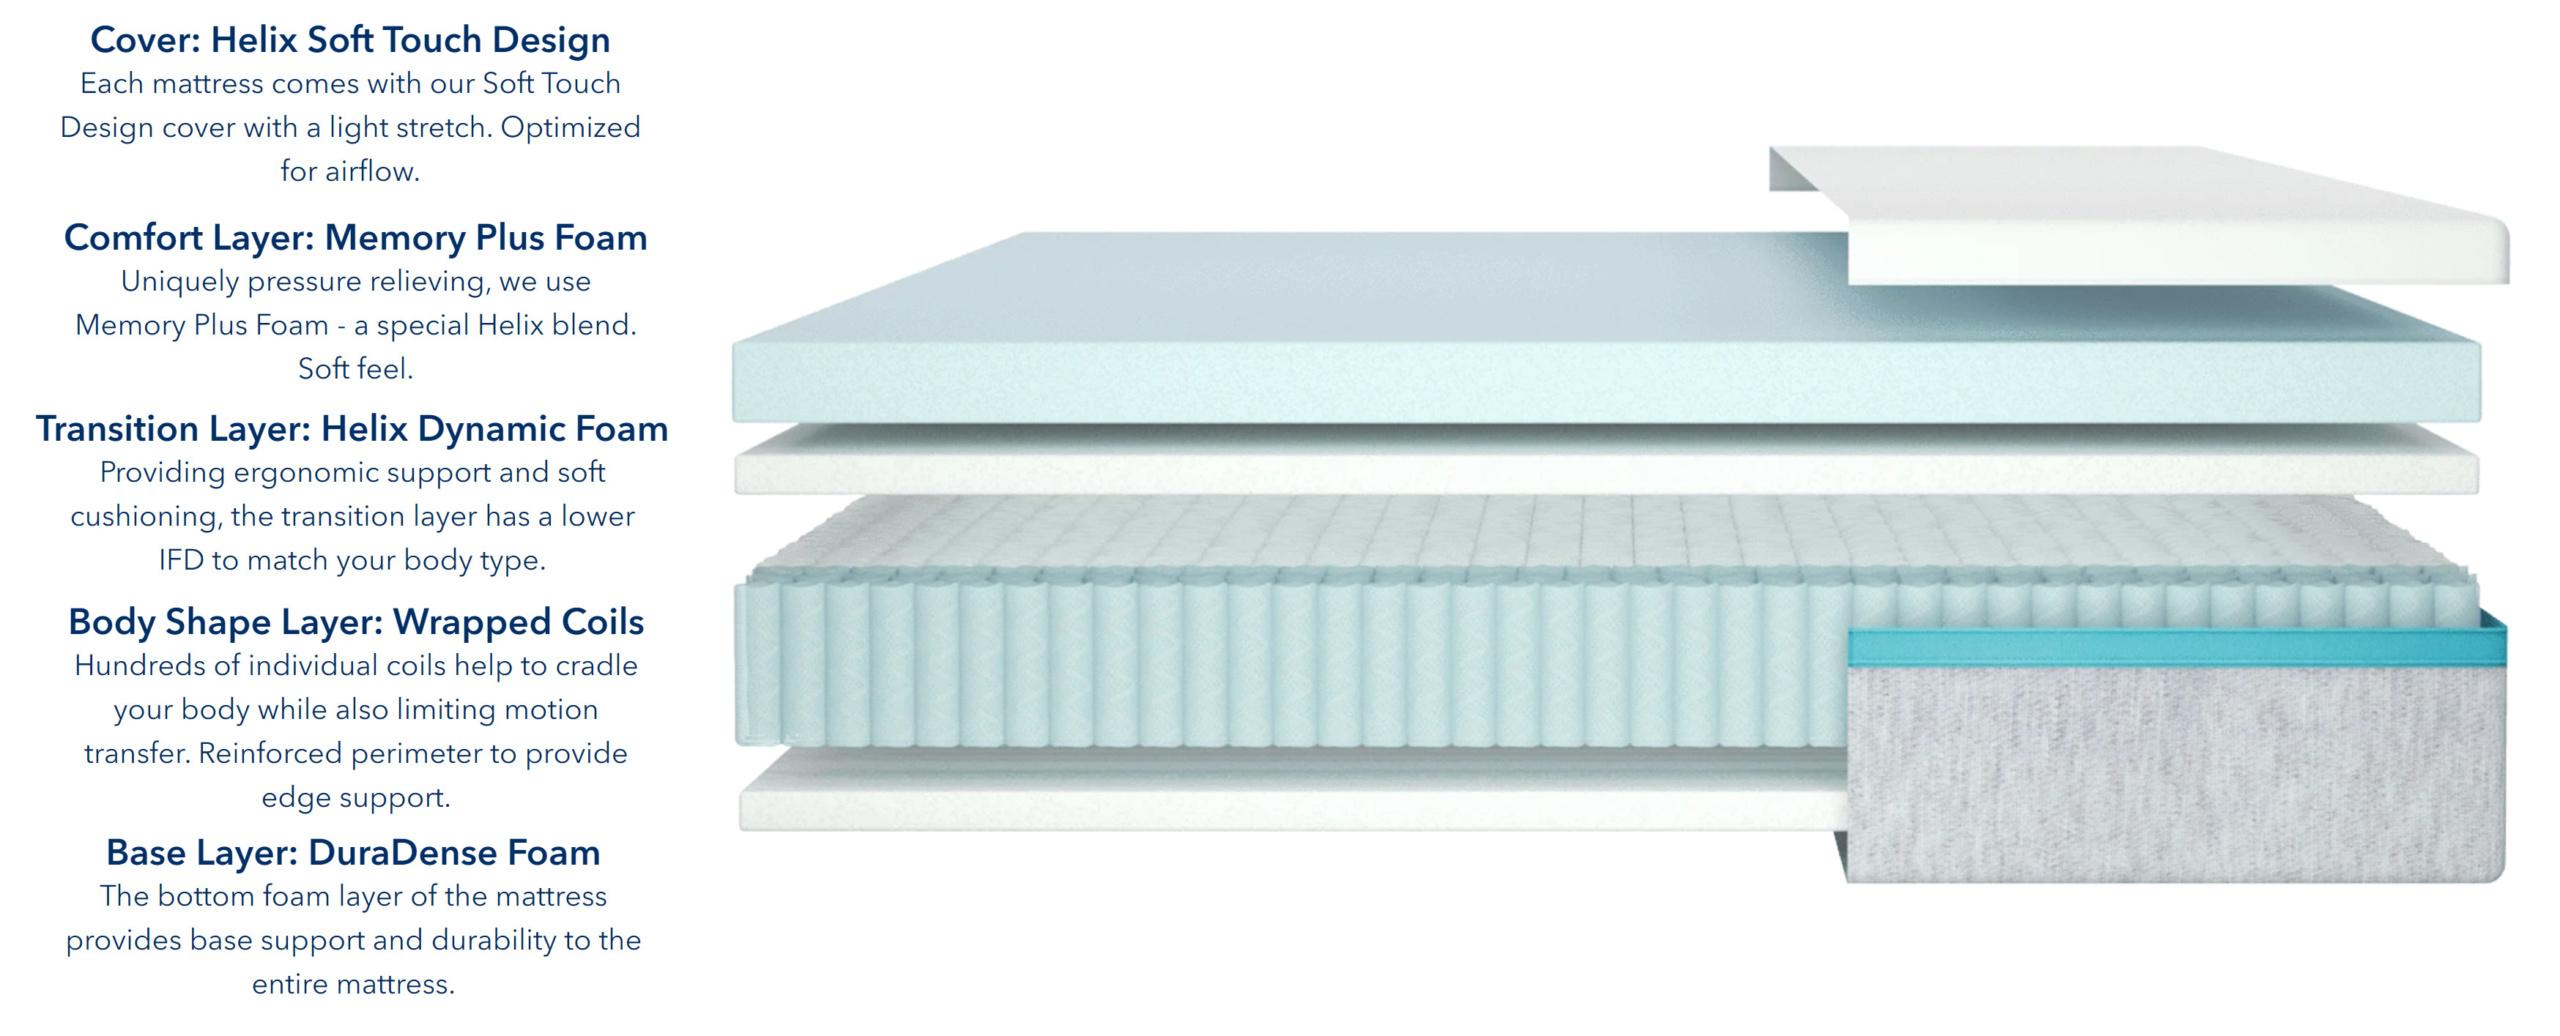 helix sunset mattress materials